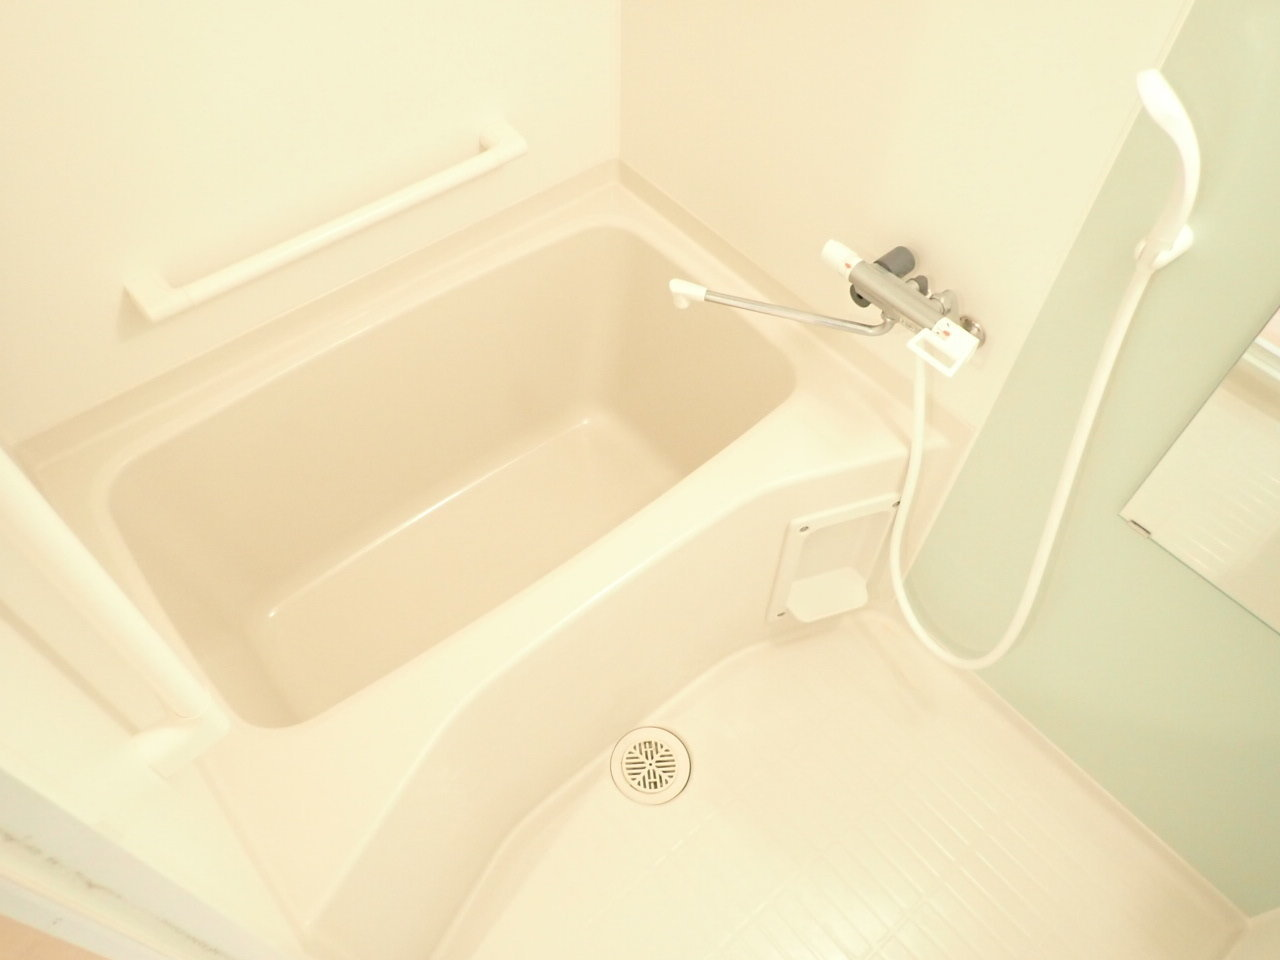 バスルームも爽やかで、明るい印象ですね。リノベーションでは難しい、配管の取り換えまで済まされているので、安心して生活できそうです。